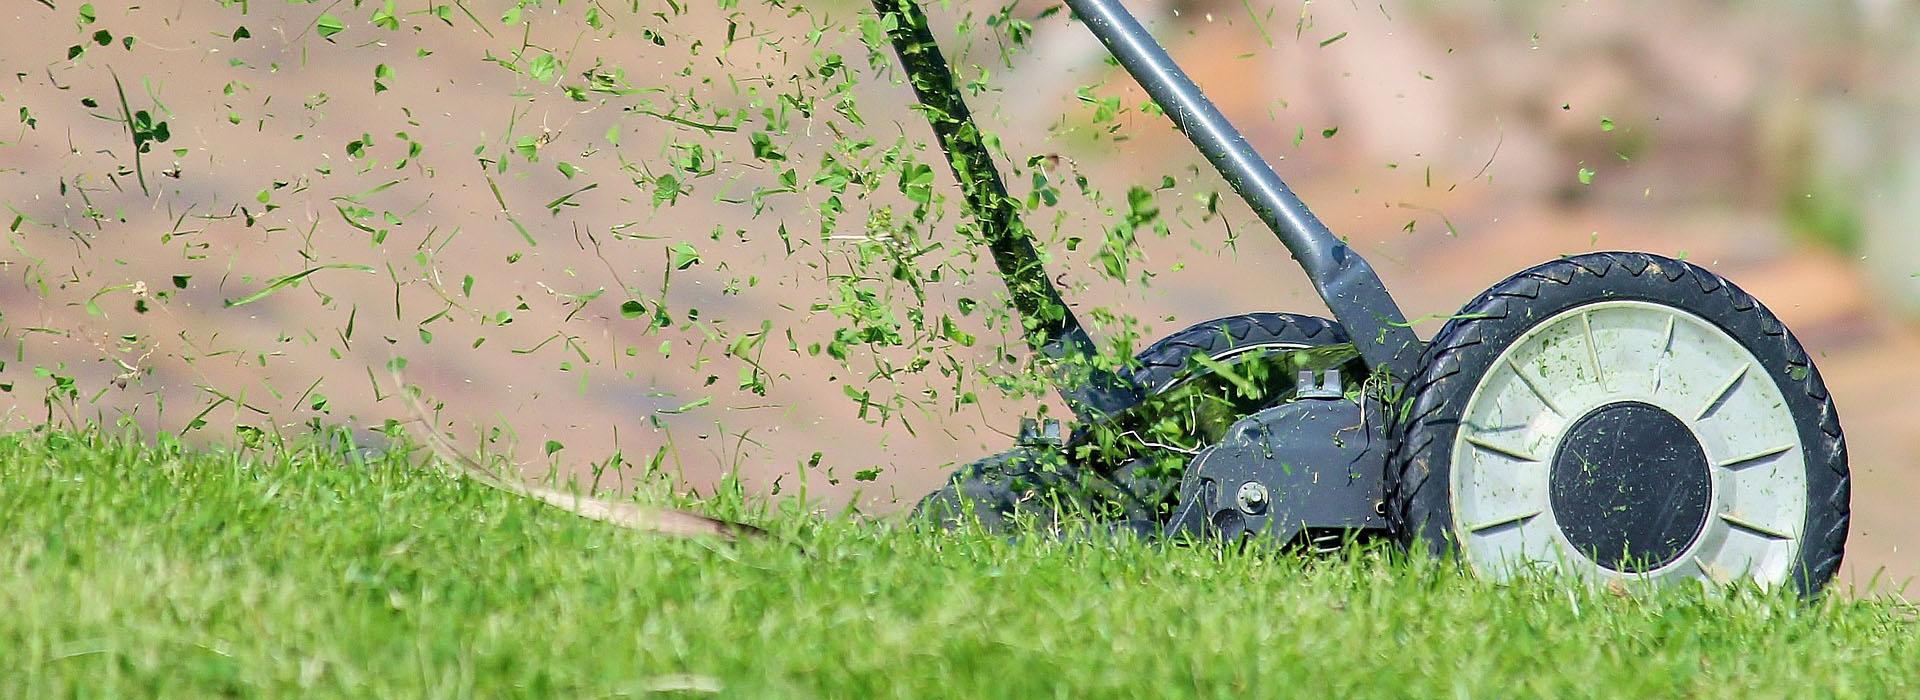 <small>Tereny zielone</small>Usługi ogrodnicze